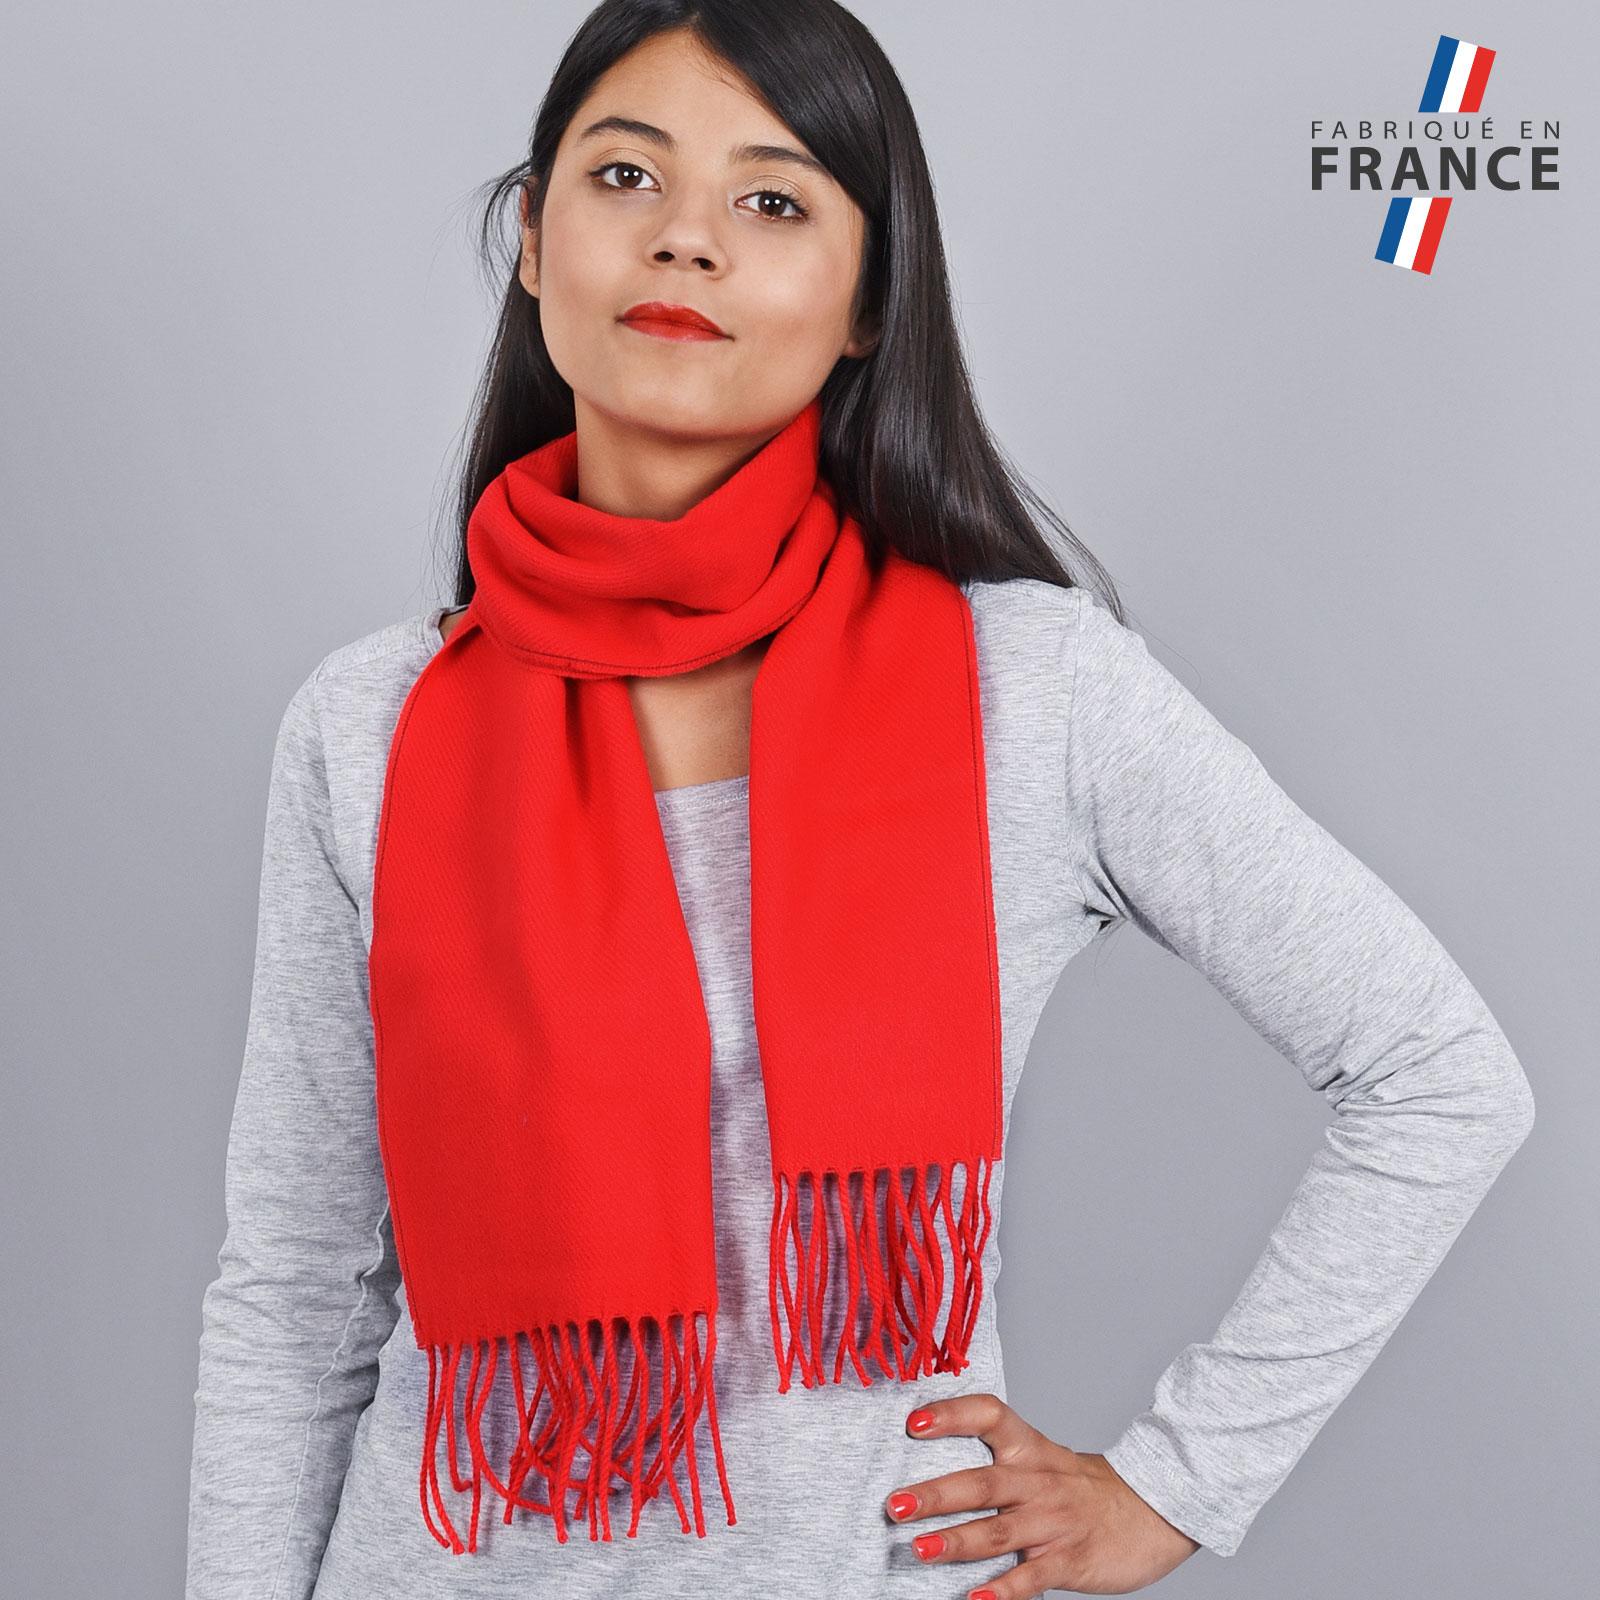 AT-03242-VF16-LB_FR-echarpe-franges-rouge-femme-fabrication-francaise